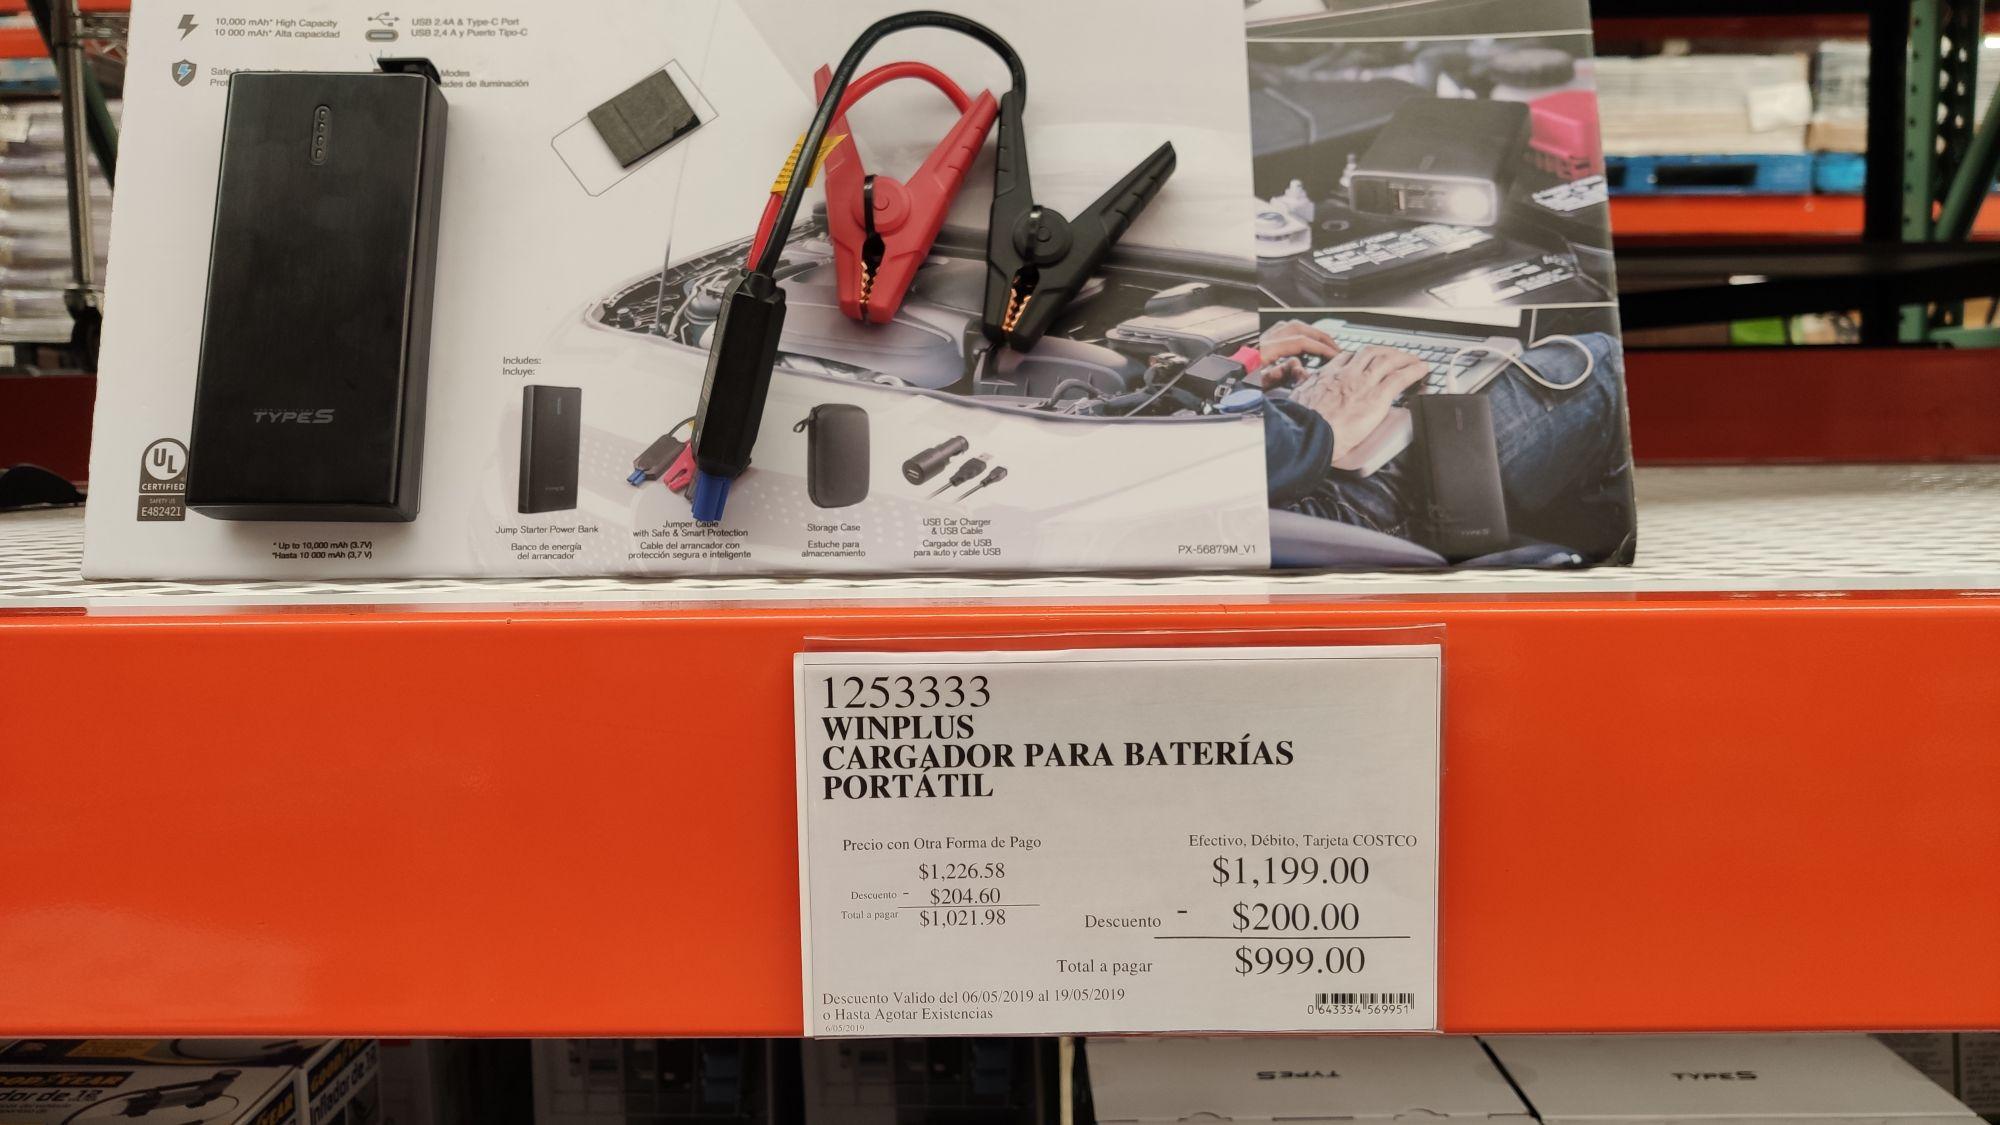 Costco Mixcoac: Cargador de baterías portátil (arranca autos)